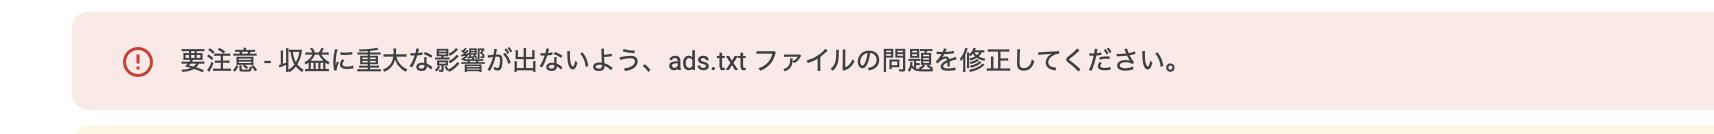 スクリーンショット 2021-01-08 12.34.52